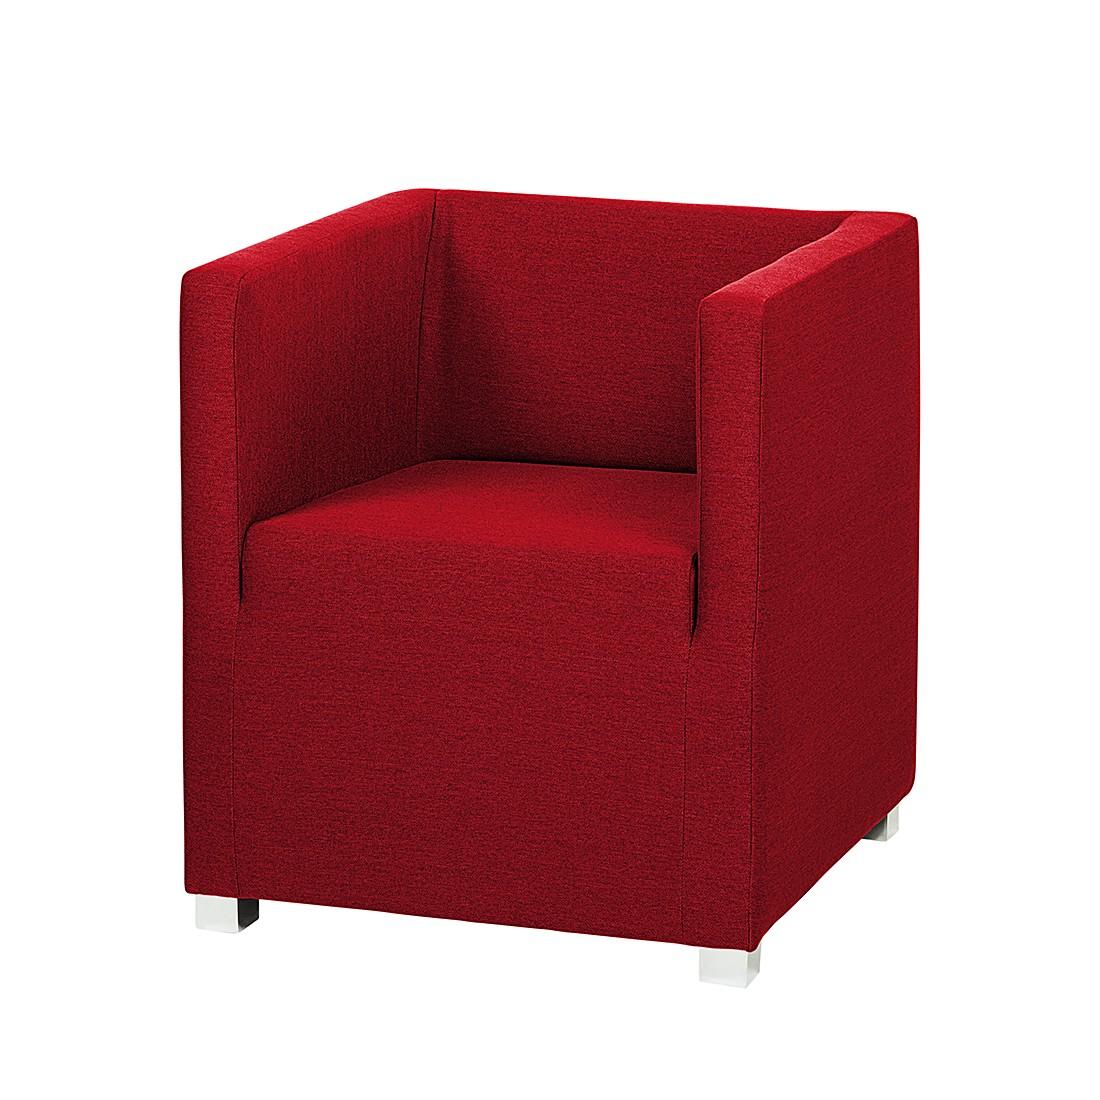 goedkoop Fauteuil Carmen stof rood mooved